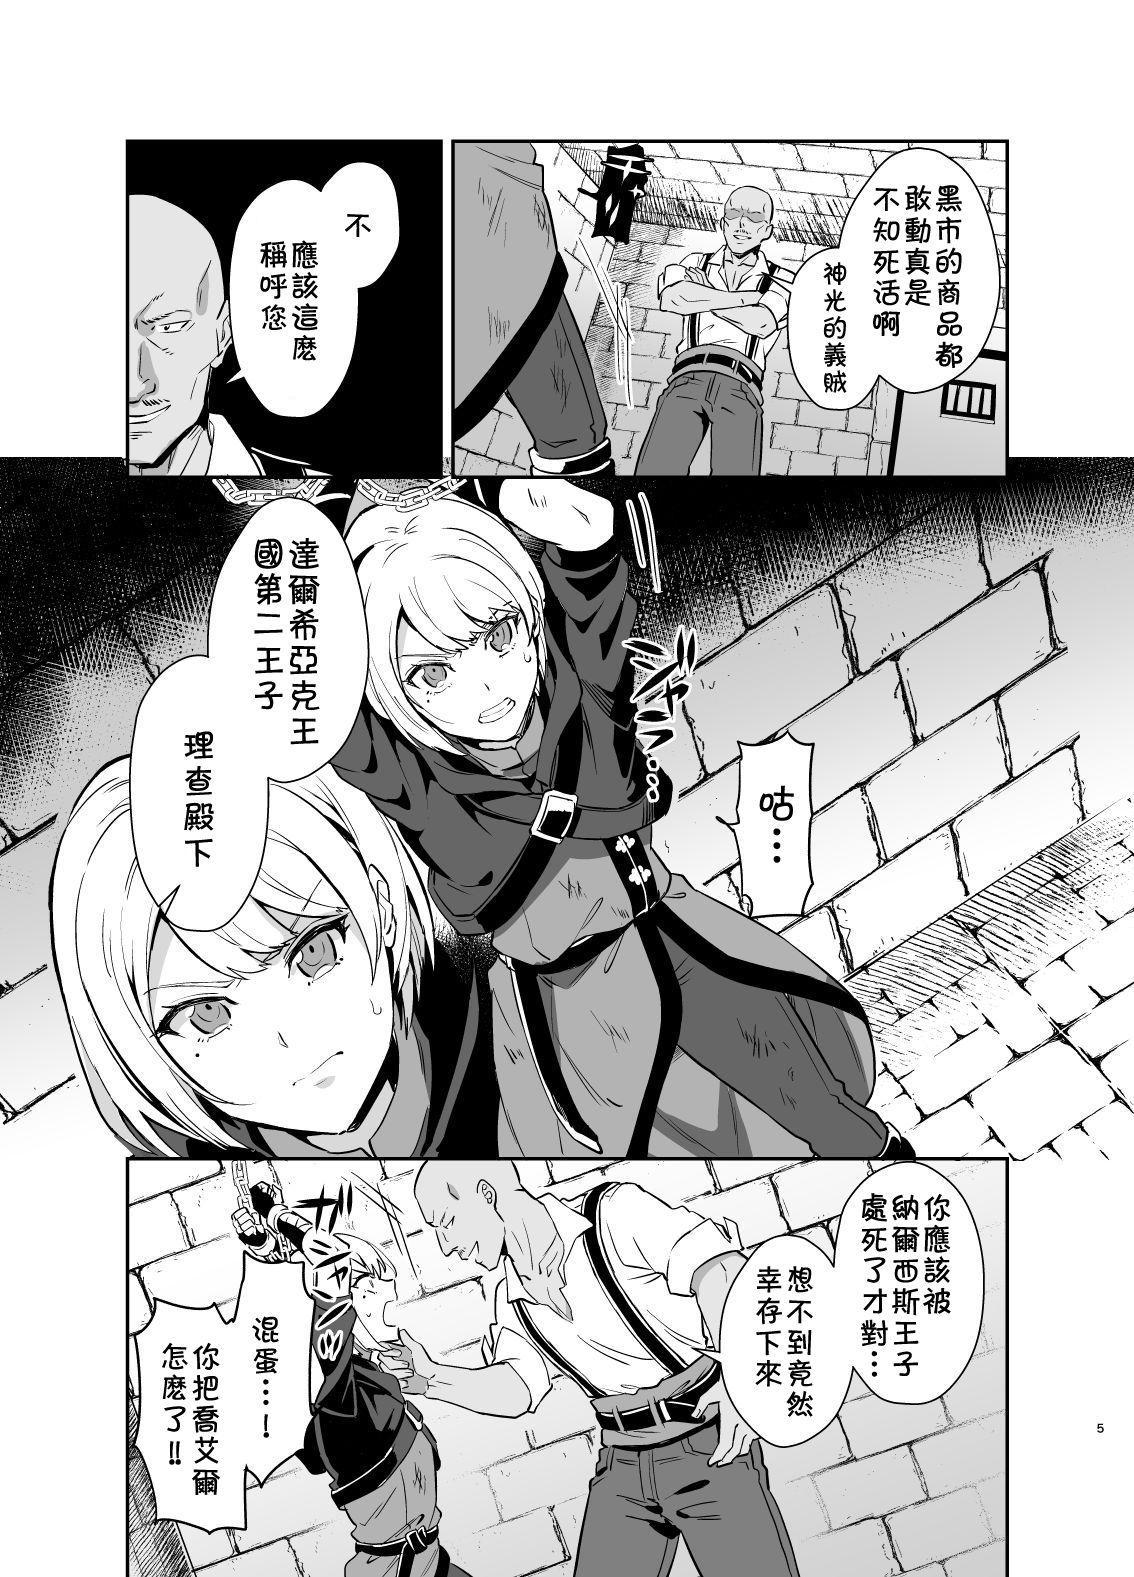 Kedakaki Gizoku wa Kainarasarenai Yamiichi Sennyuu Hen 5